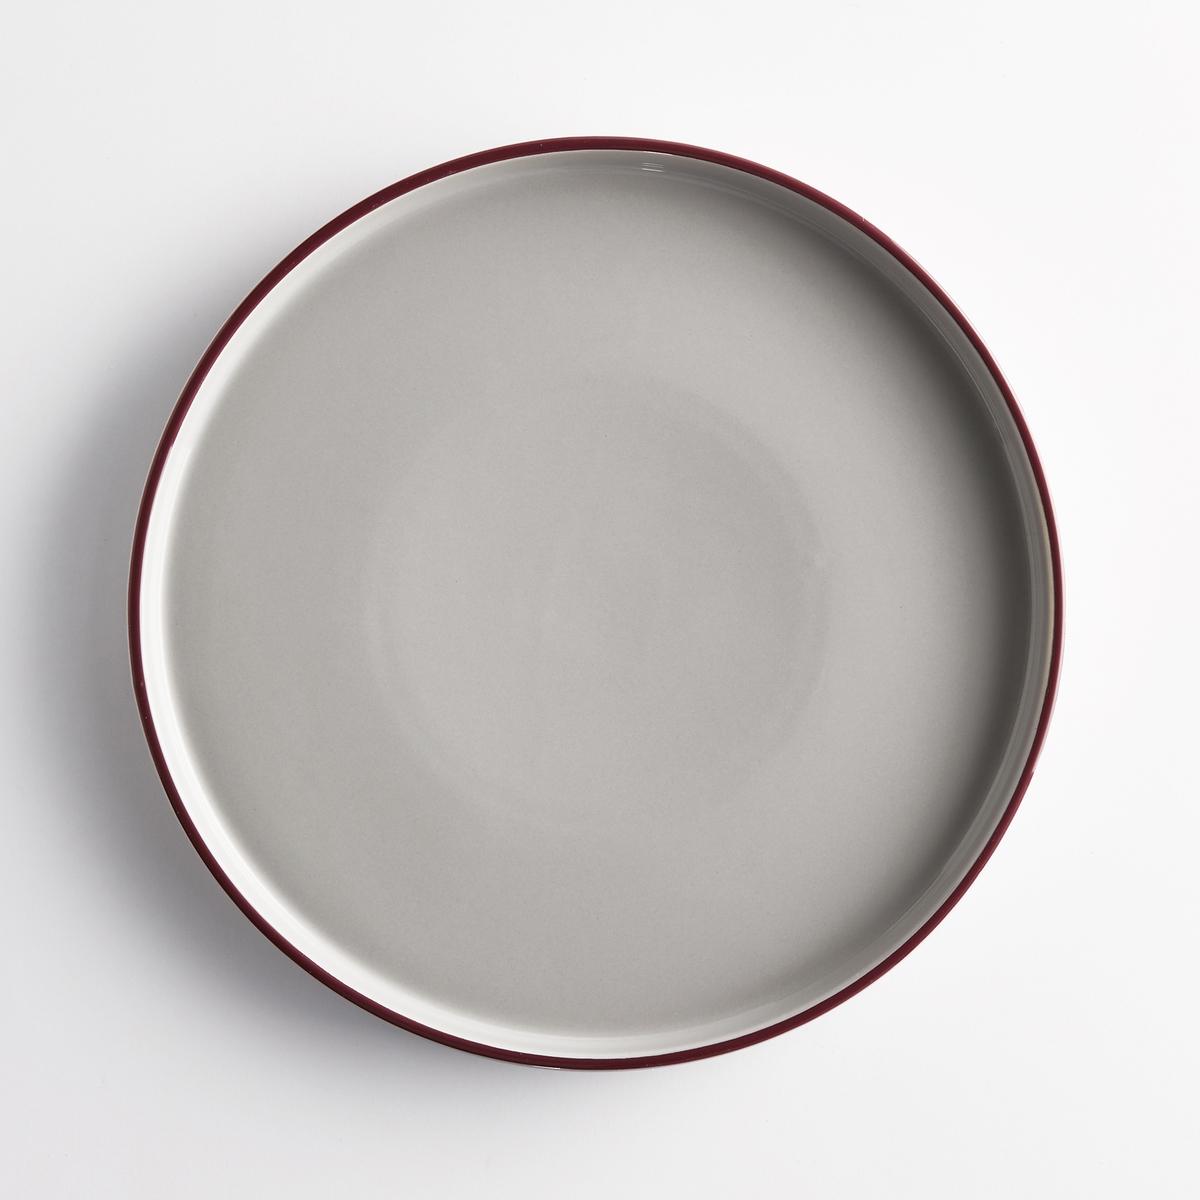 Тарелка плоская керамическая (4 шт.) DRISKOL4 плоские тарелки Driskol. Практичная благодаря небольшой глубине, с минималистским дизайном, плоская тарелка Driskol найдет свое место на кухне в любом стиле.Характеристики 4 разноцветных плоских тарелок Driskol :Из керамики.Разноцветный геометрический рисунок.Размеры 4 разноцветных плоских тарелок Driskol :диаметр 27 смРасцветка :Серая с каймой контрастного цвета.Другие тарелки и предметы декора стола вы можете найти на сайте laredoute.ru<br><br>Цвет: разноцветный